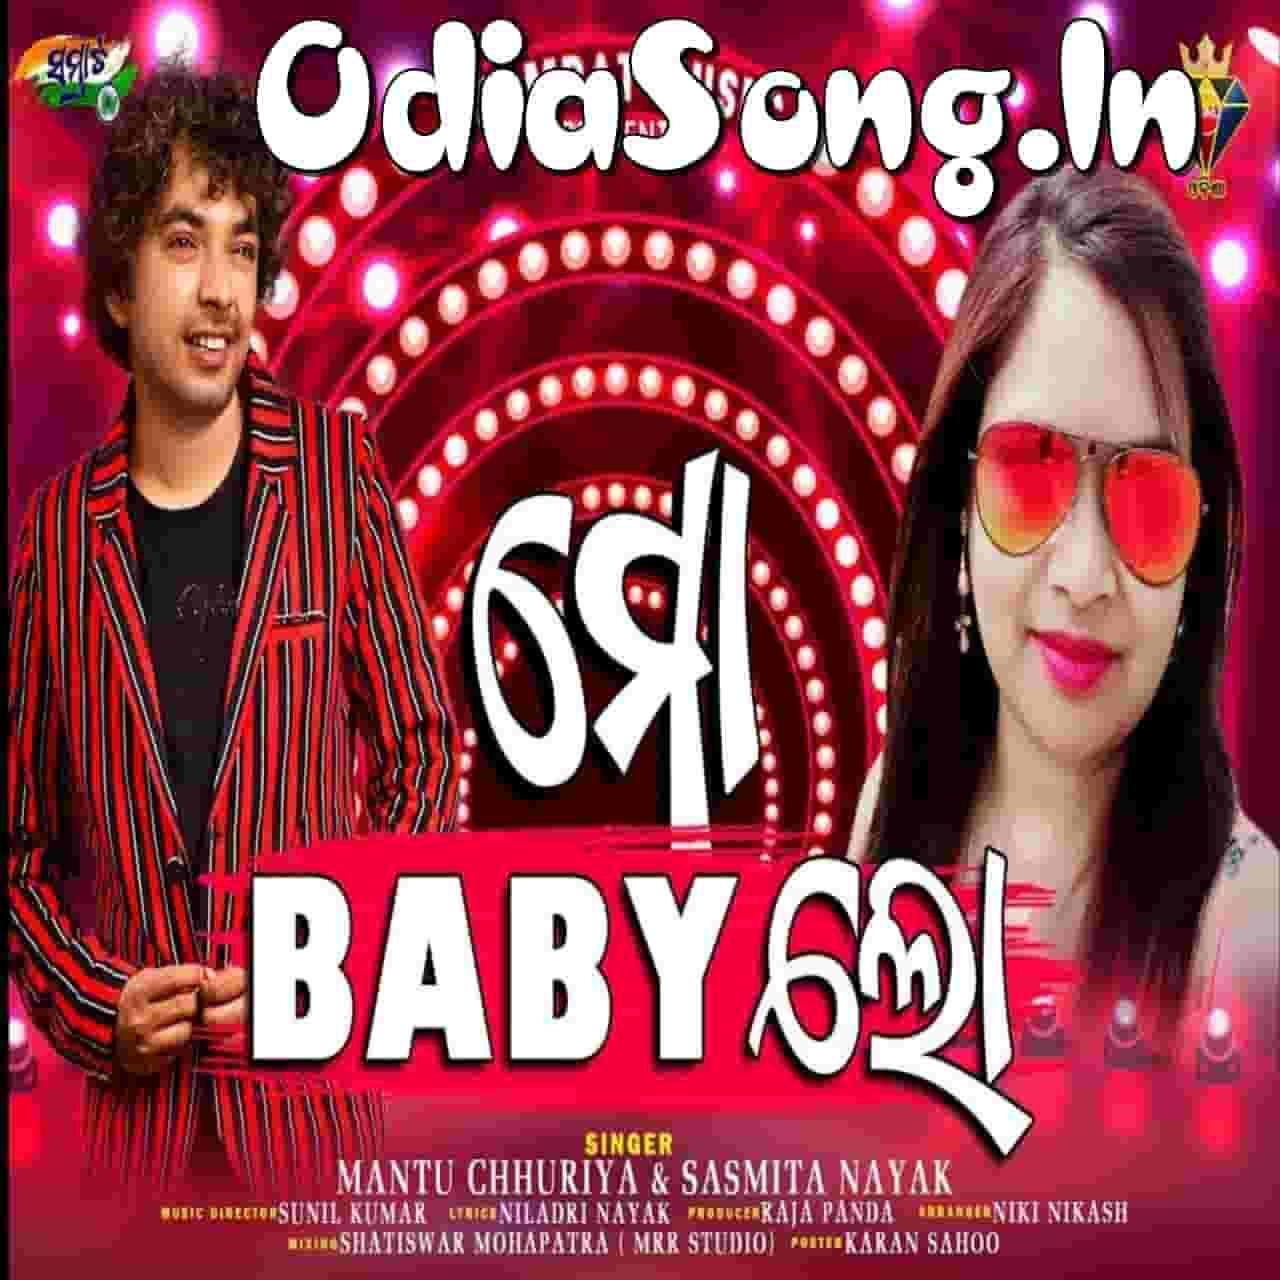 Mo Baby Lo (Mantu Chhuria, Sasmita Nayak)